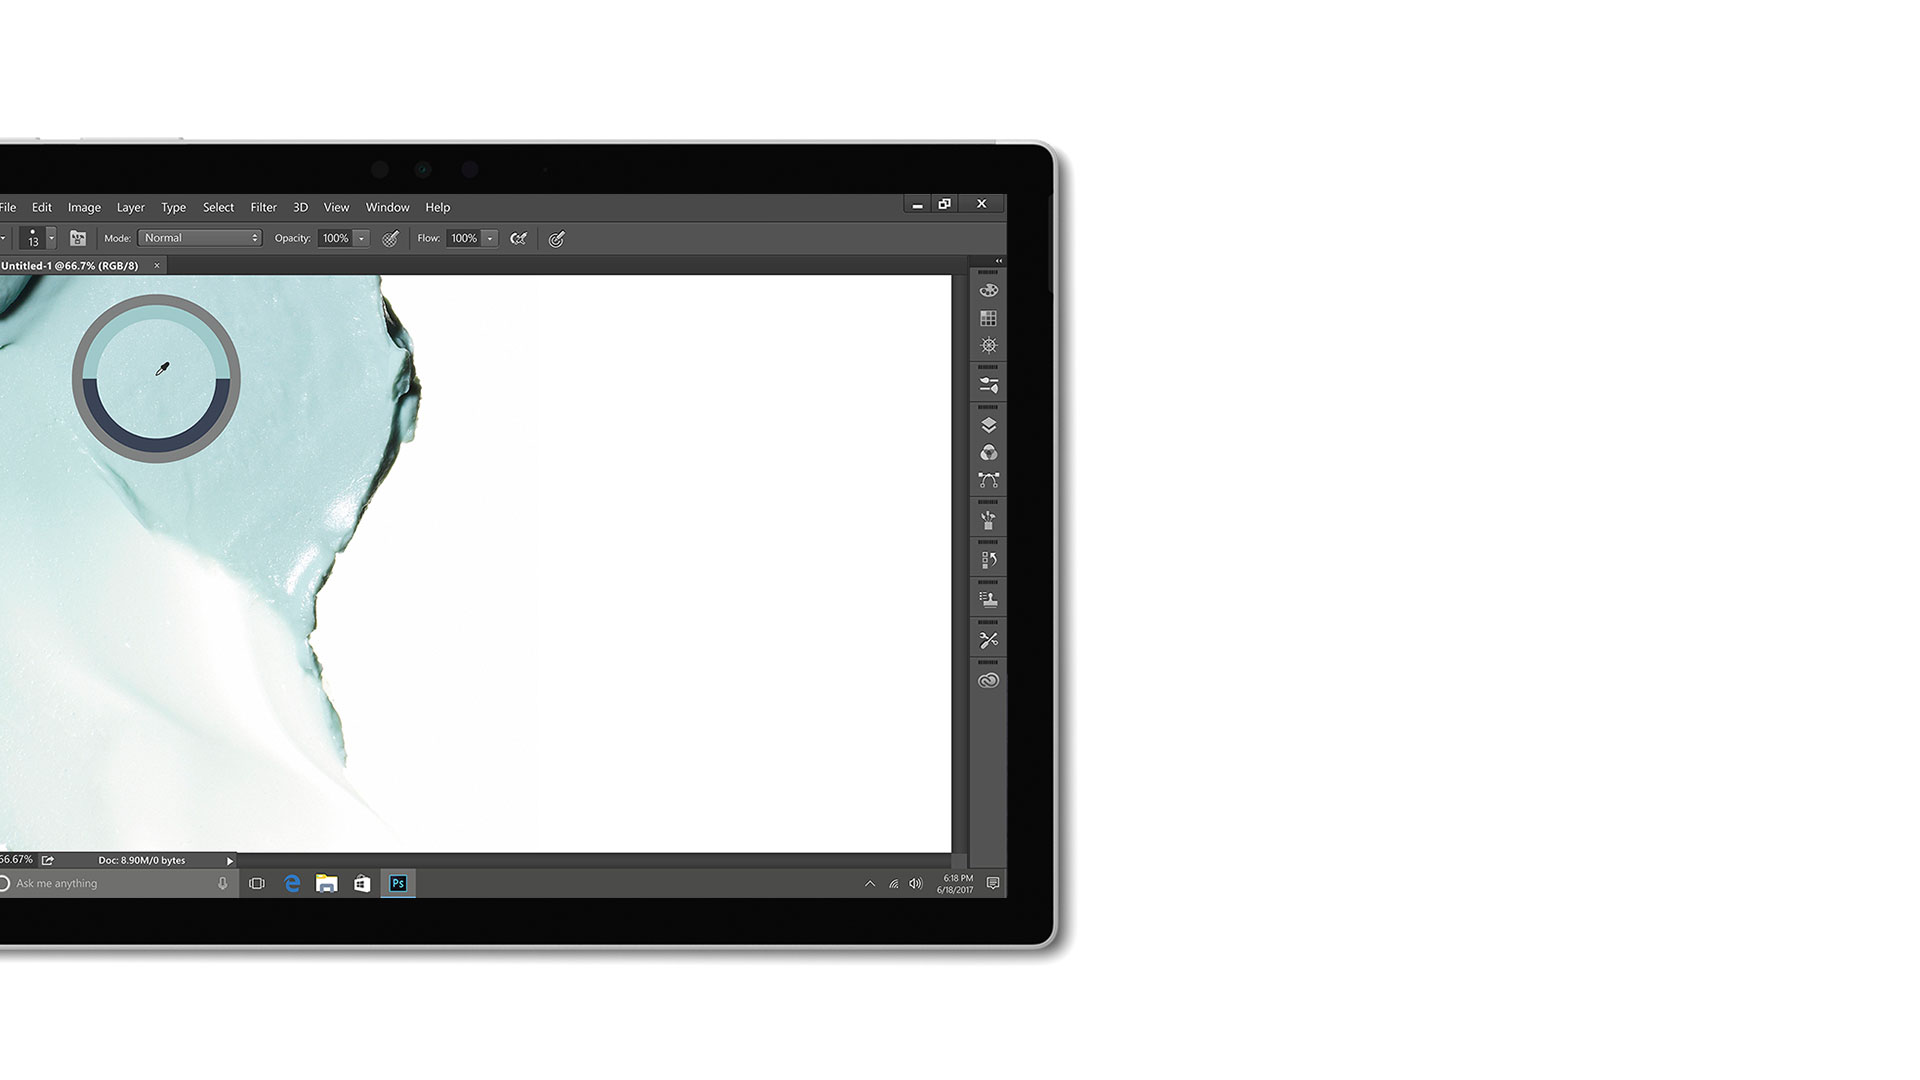 Immagine dell'interfaccia utente di Adobe Creative Cloud